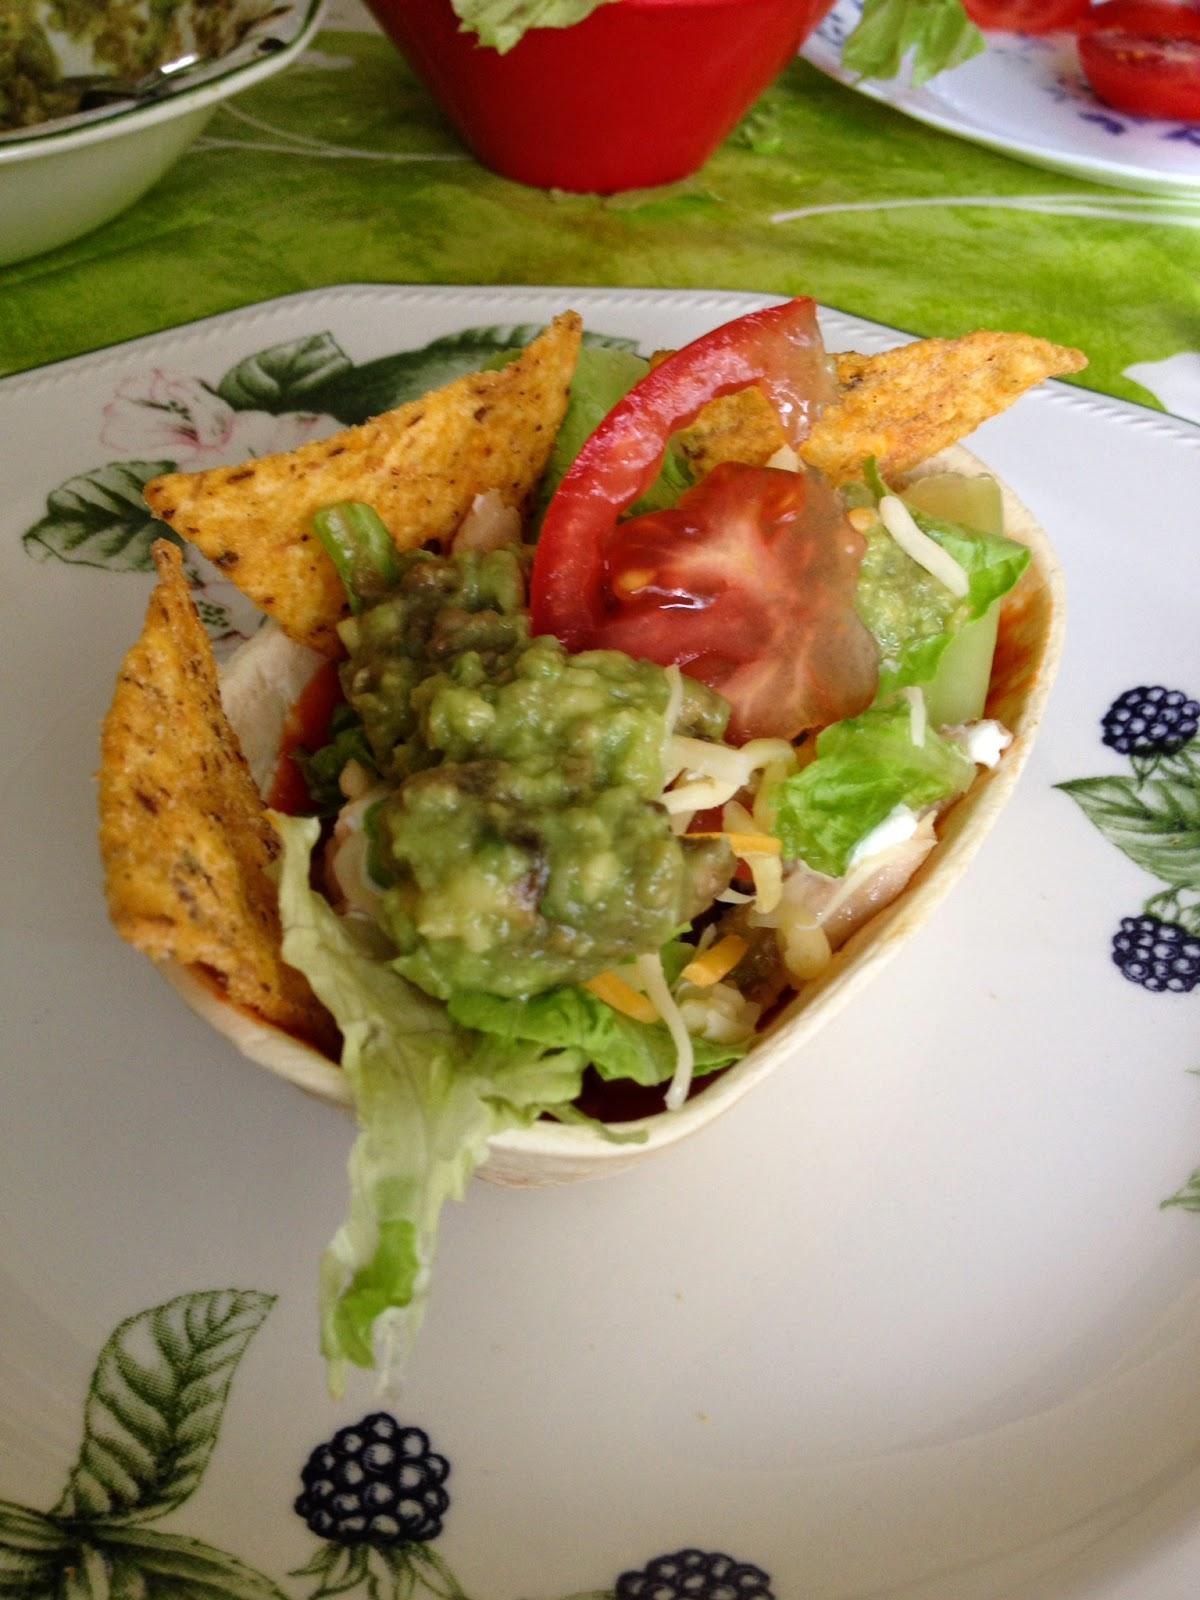 Cocina con rachel tacos mexicanos for Racholas cocina